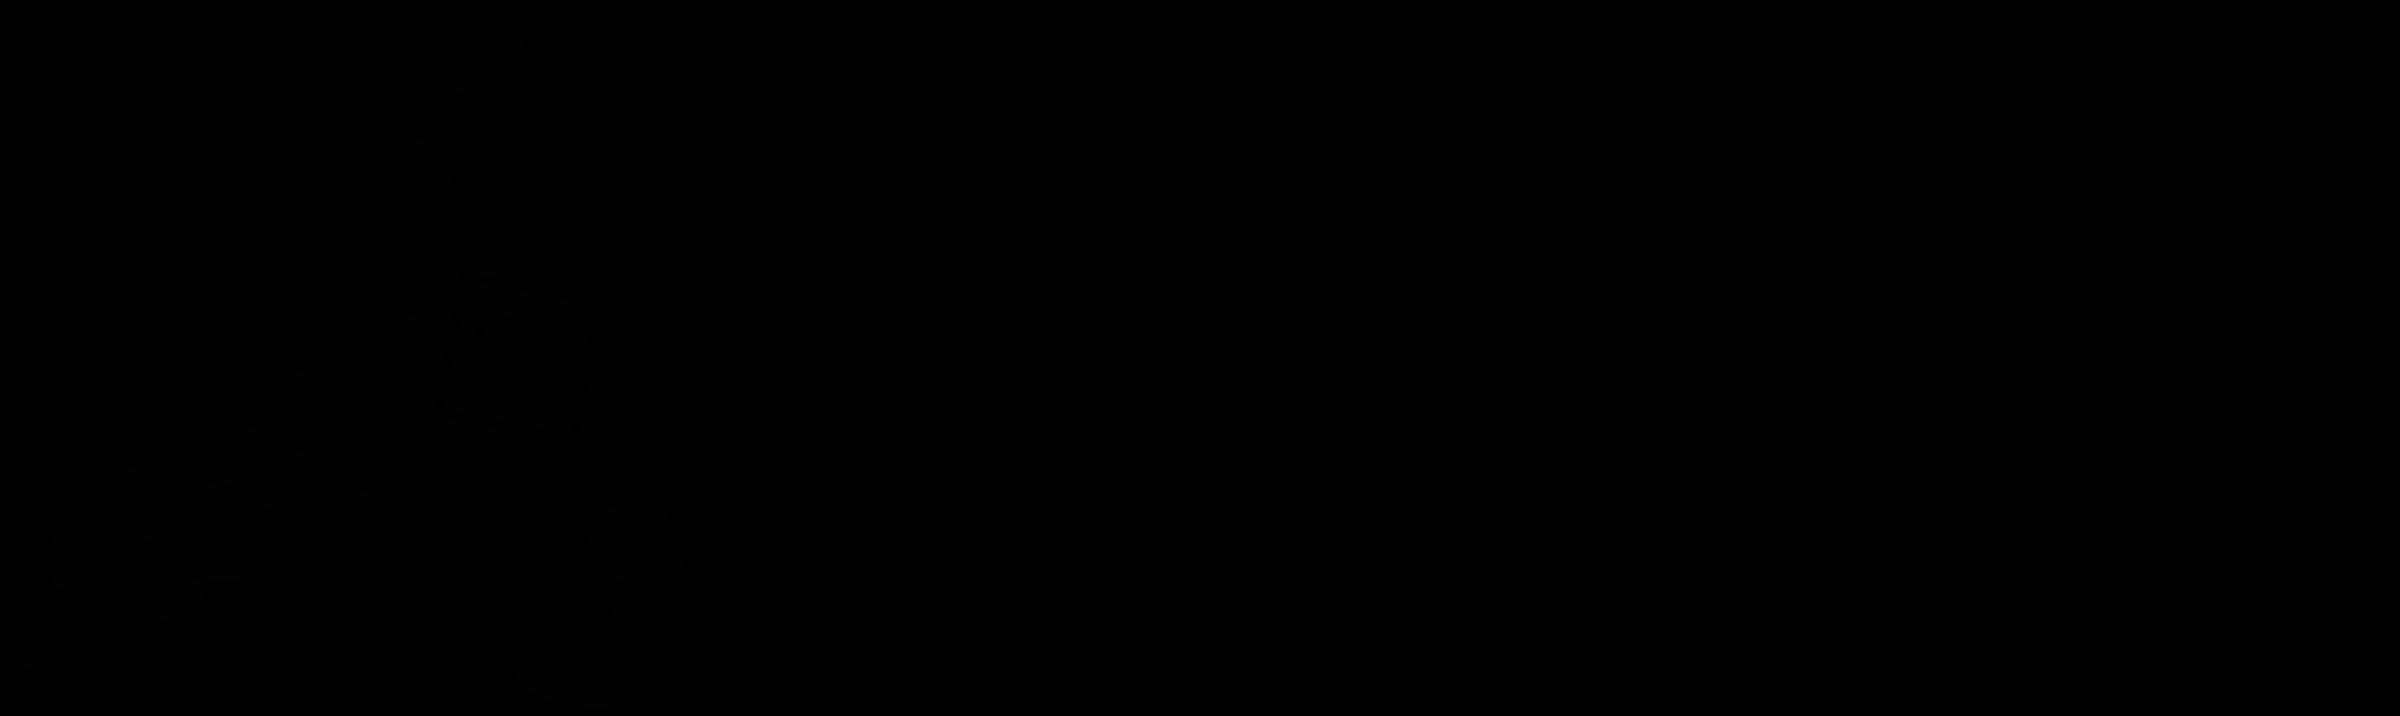 Saxon seaxe silhouette by Firkin